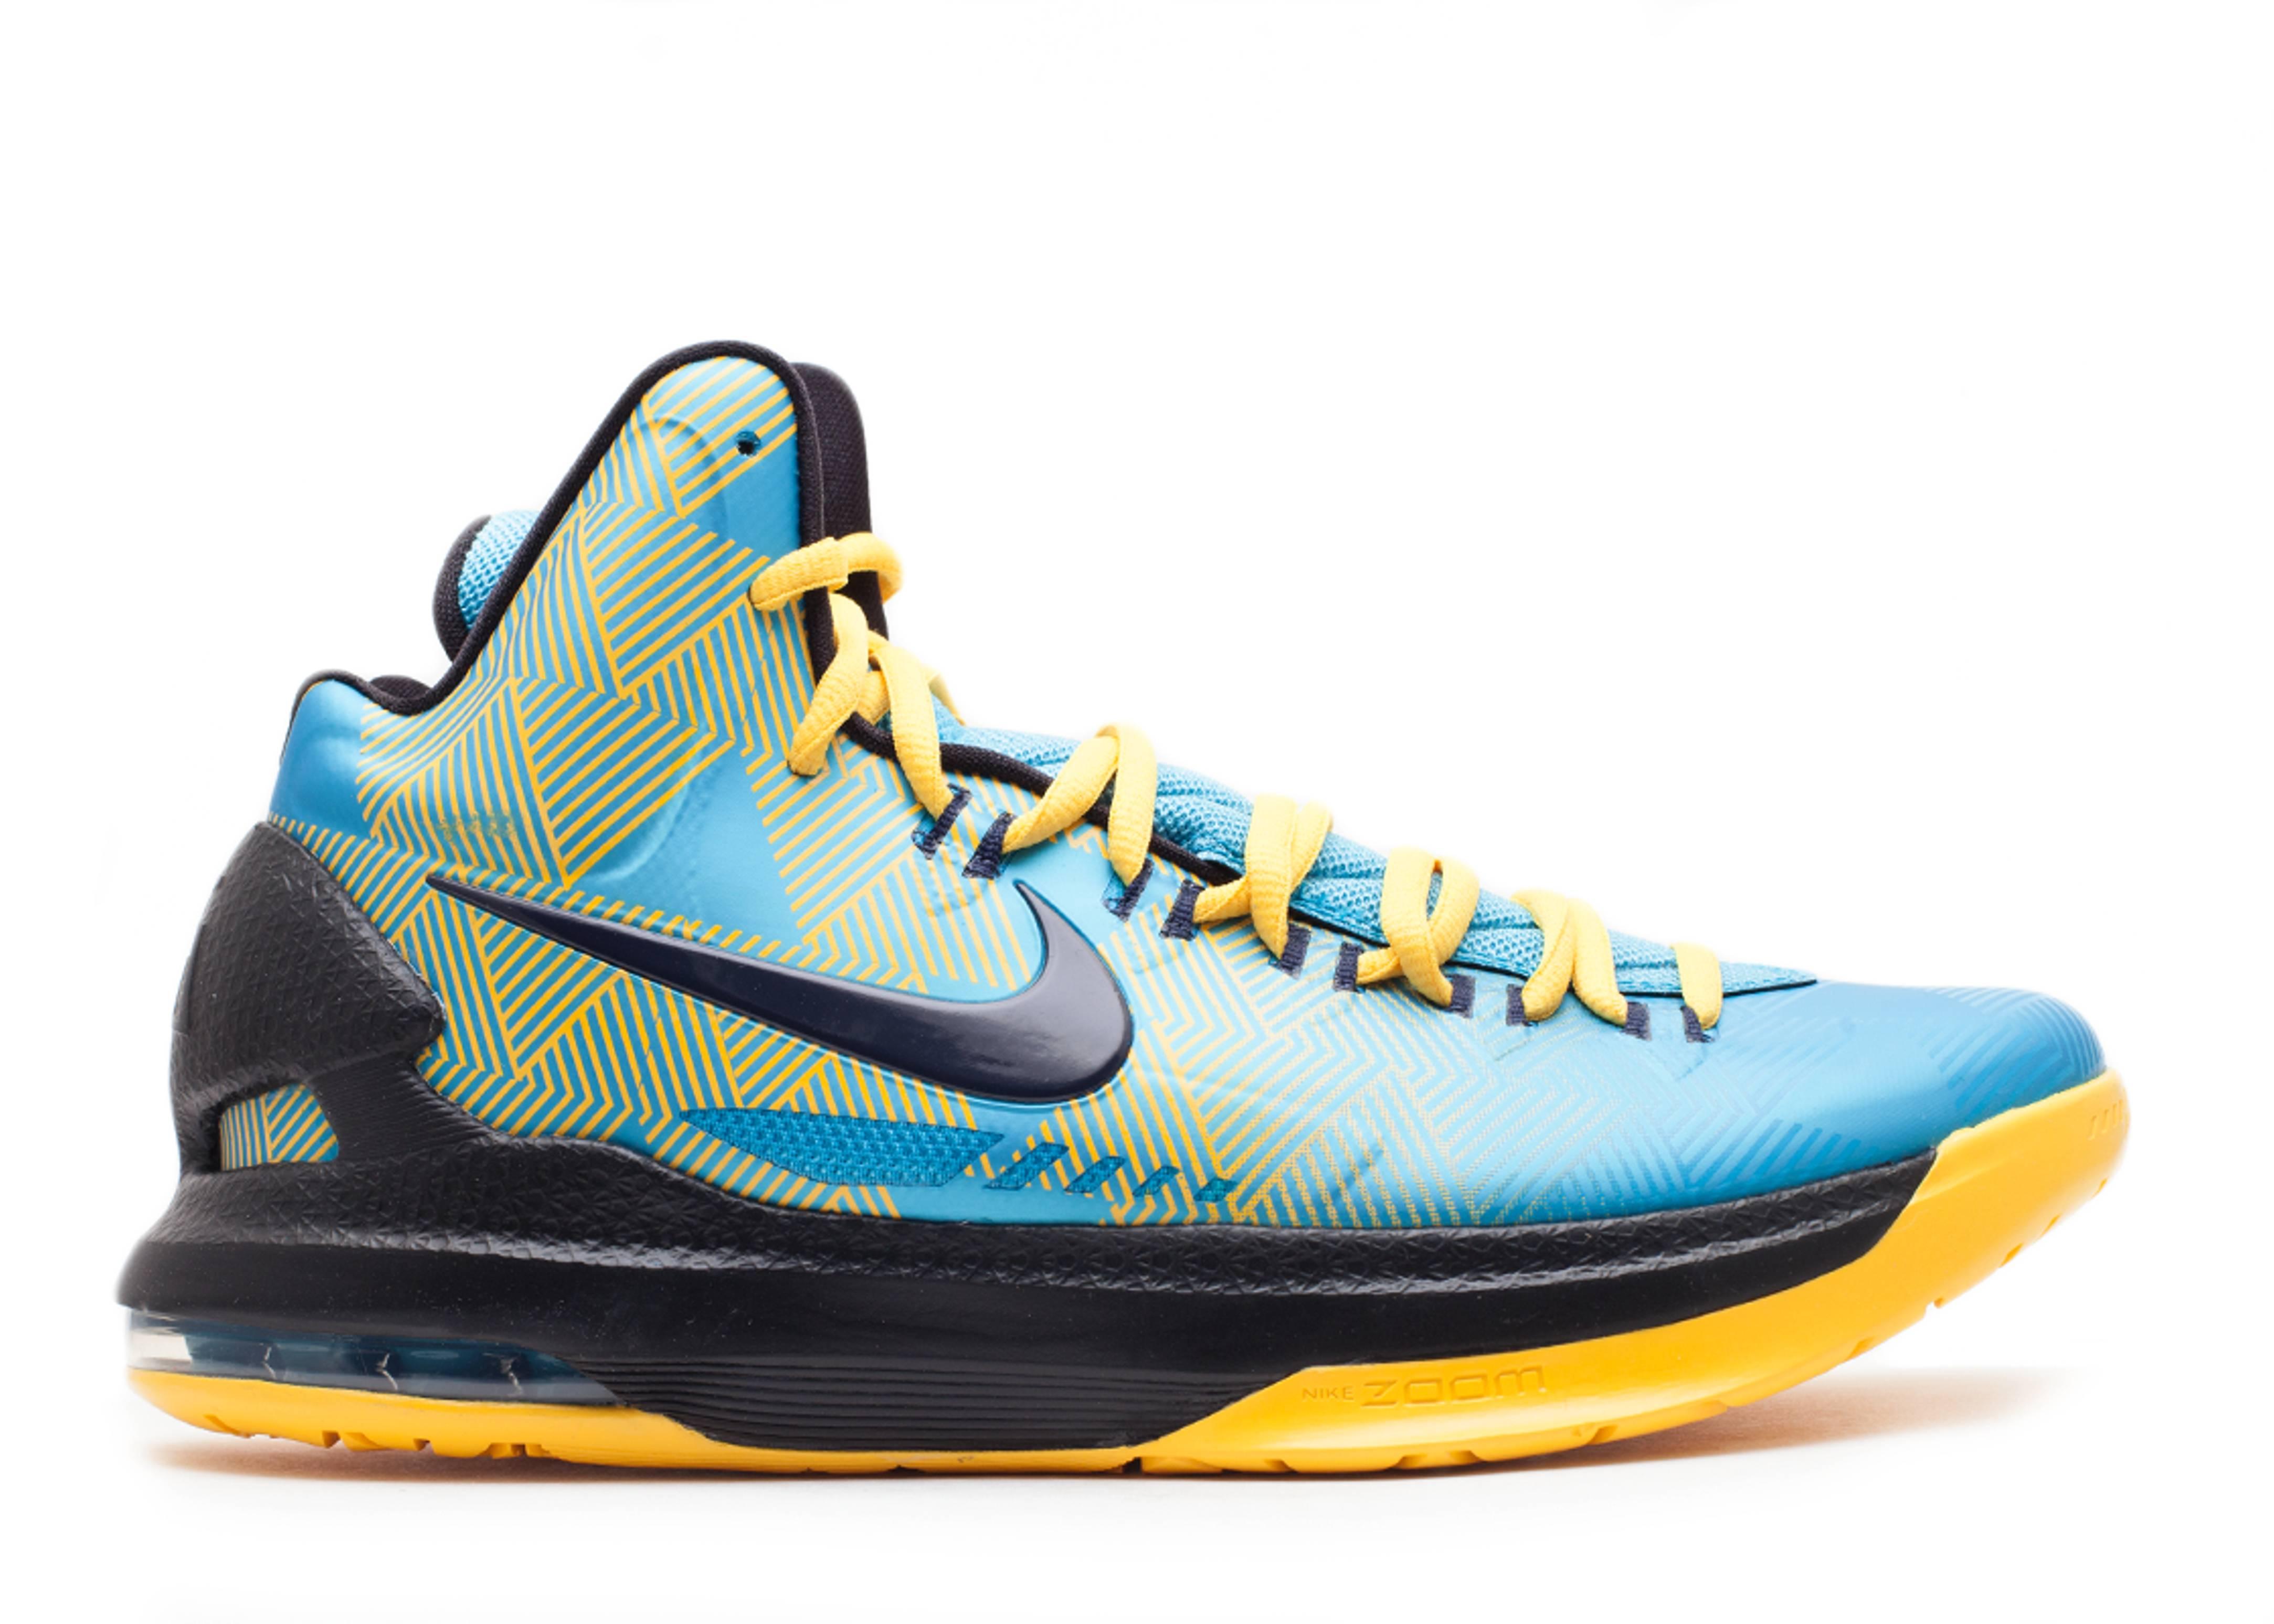 Kd 5 N7 - Nike - 599294 447 - dk trqs/blcknd bl-blck-vrsty m ...